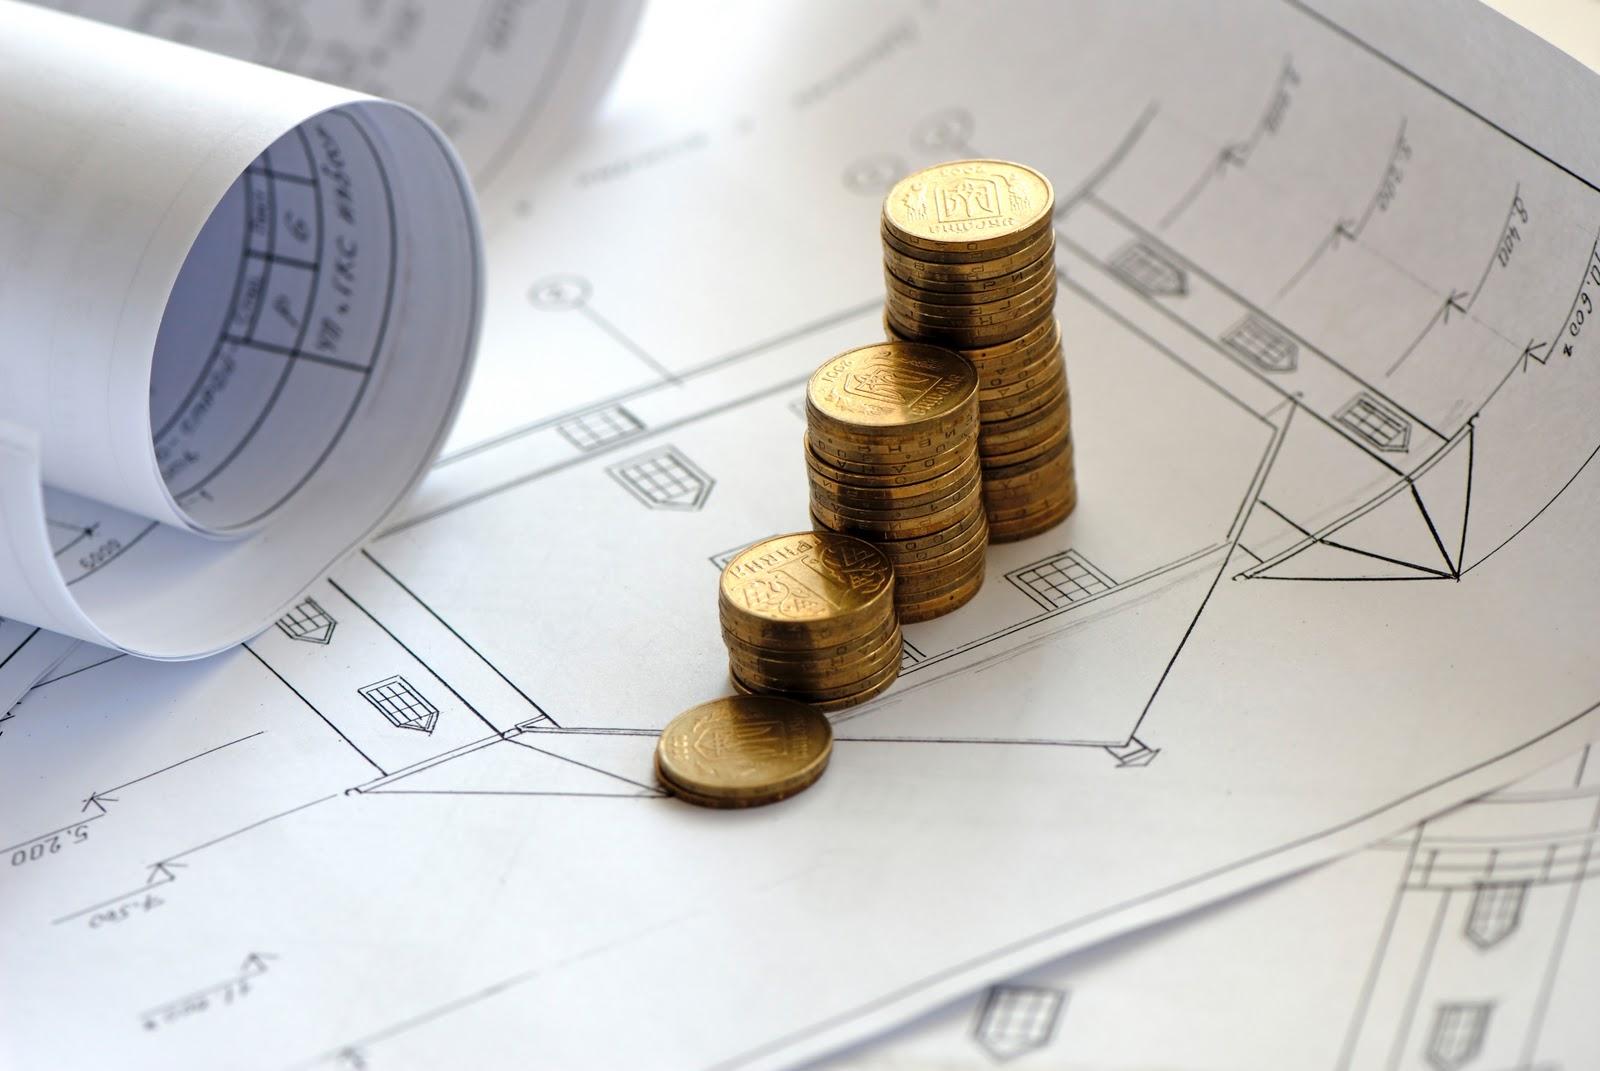 Simulateur crédit Immobilier : Combien pouvez vous emprunter ? Quelle durée ? Quelle mensualité ?